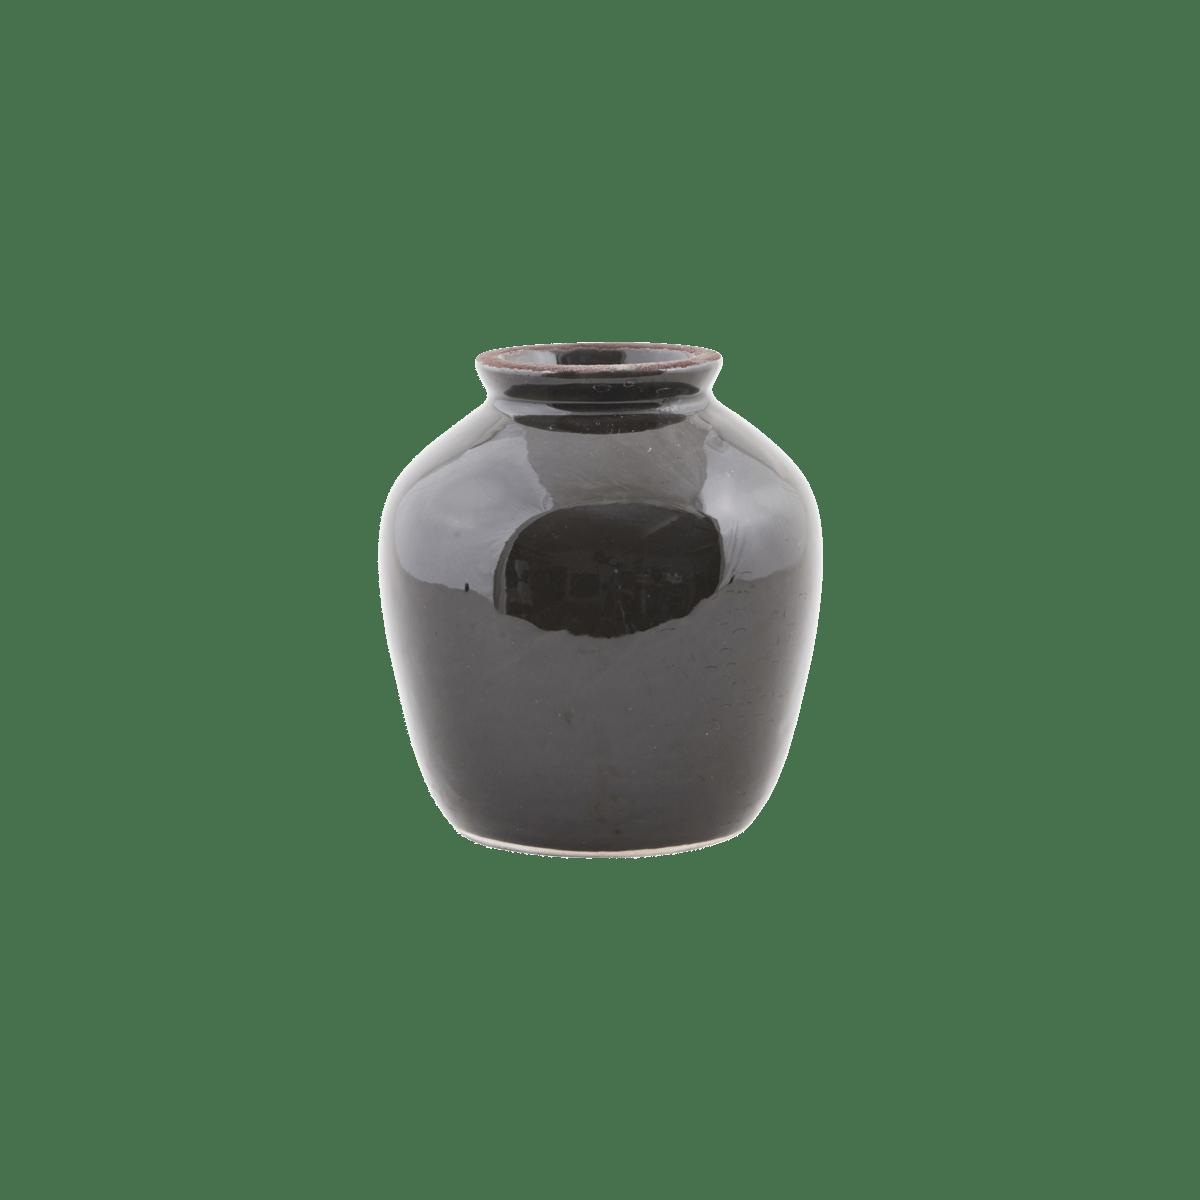 Sada 3 ks − Černá váza Shina malá